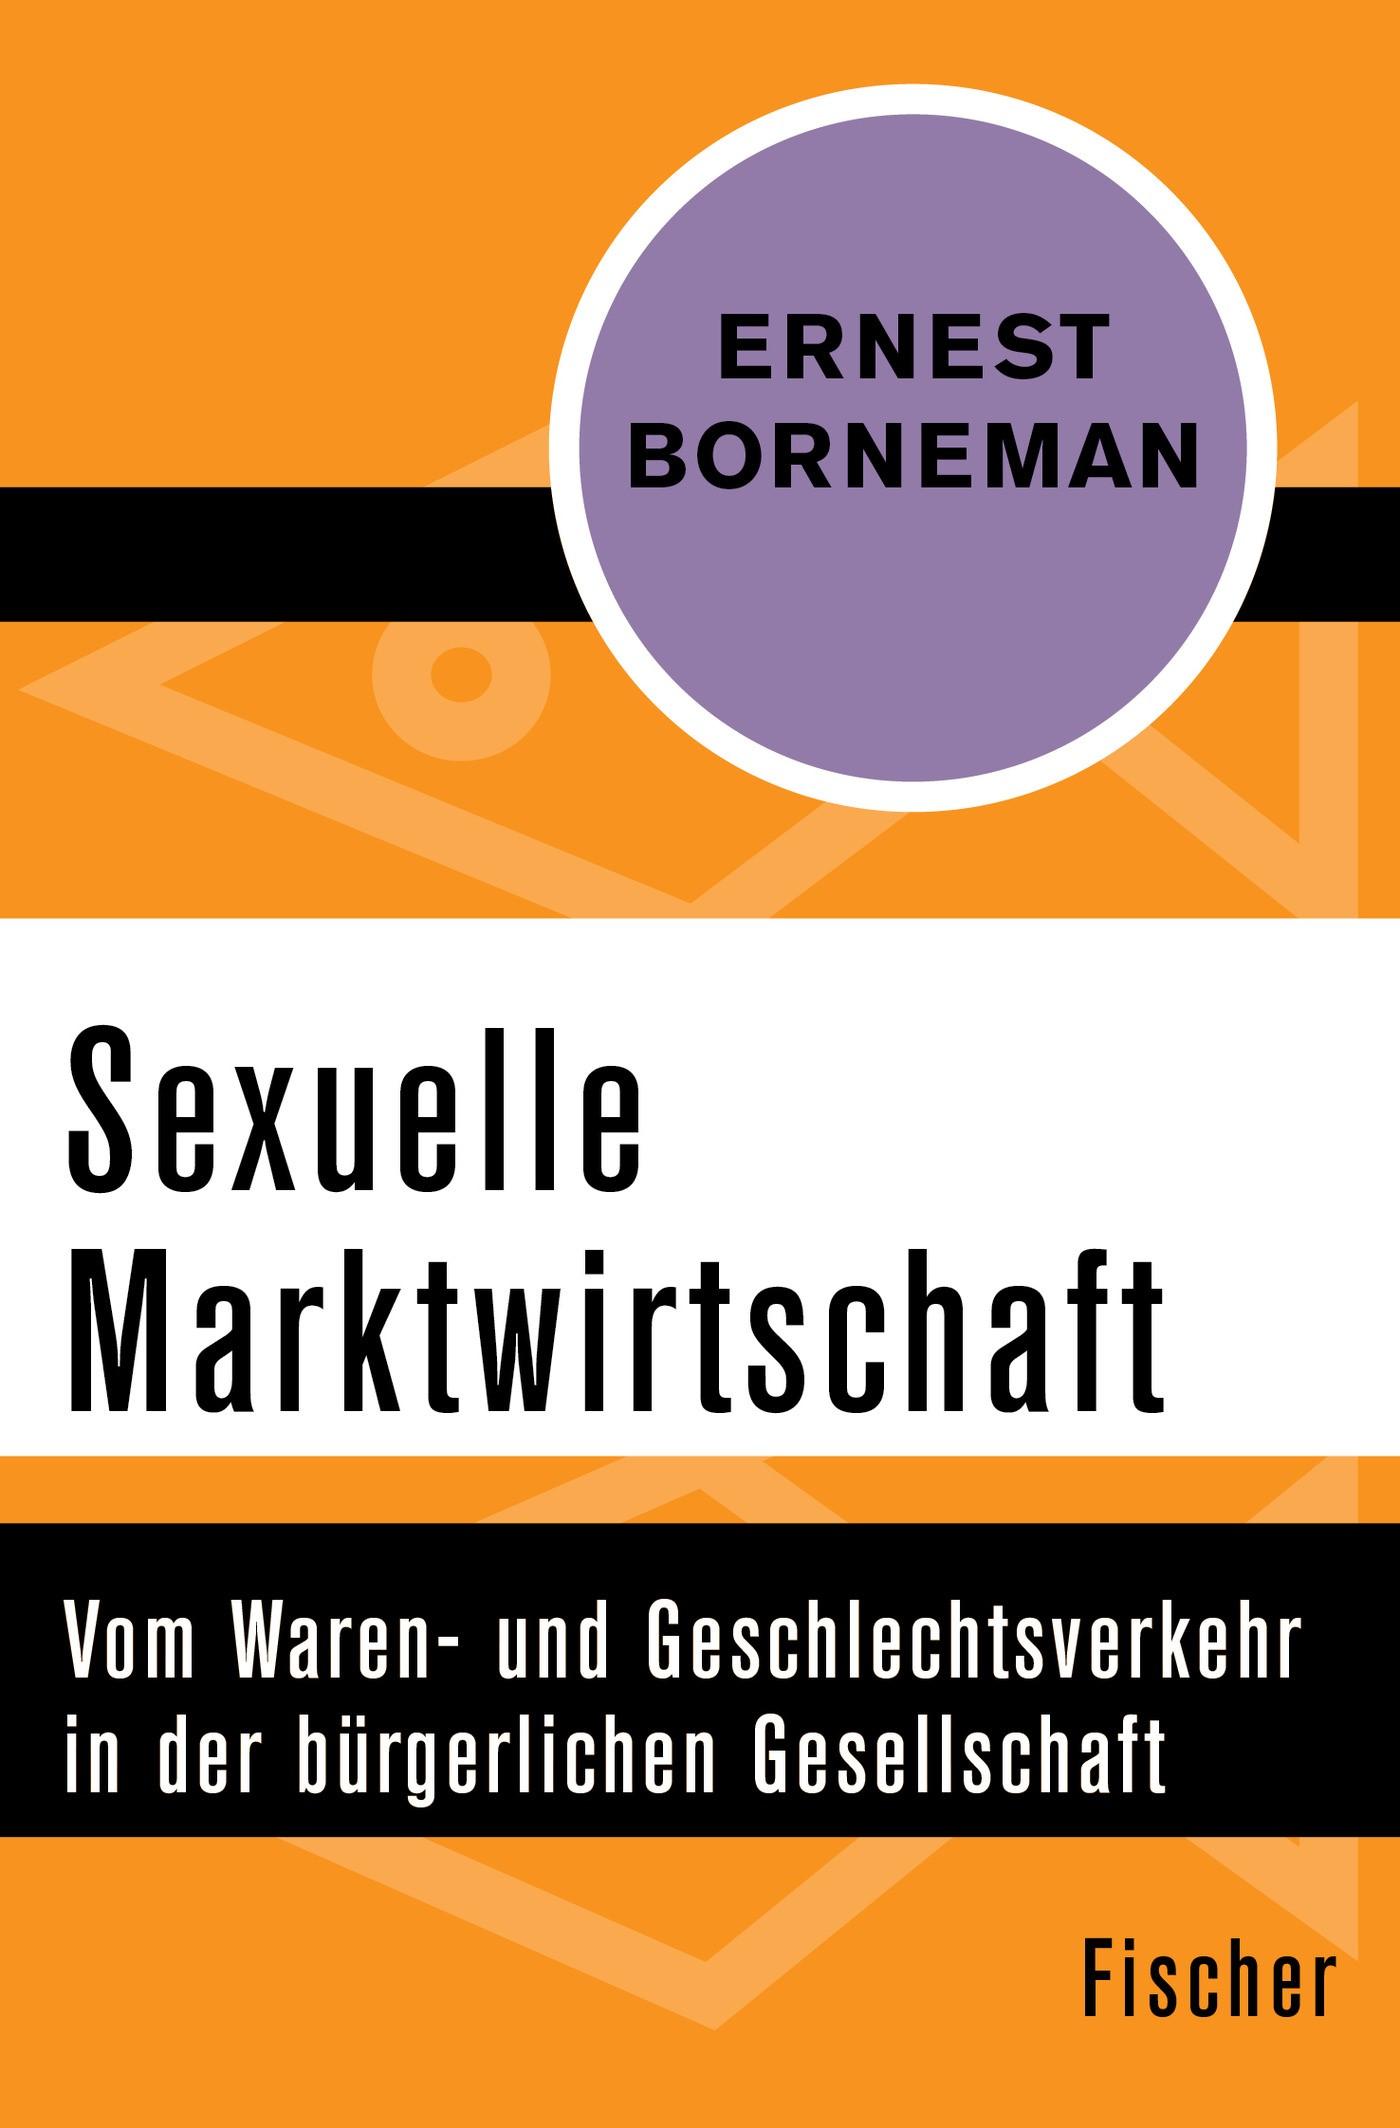 Sexuelle Marktwirtschaft | Borneman, 2015 | Buch (Cover)